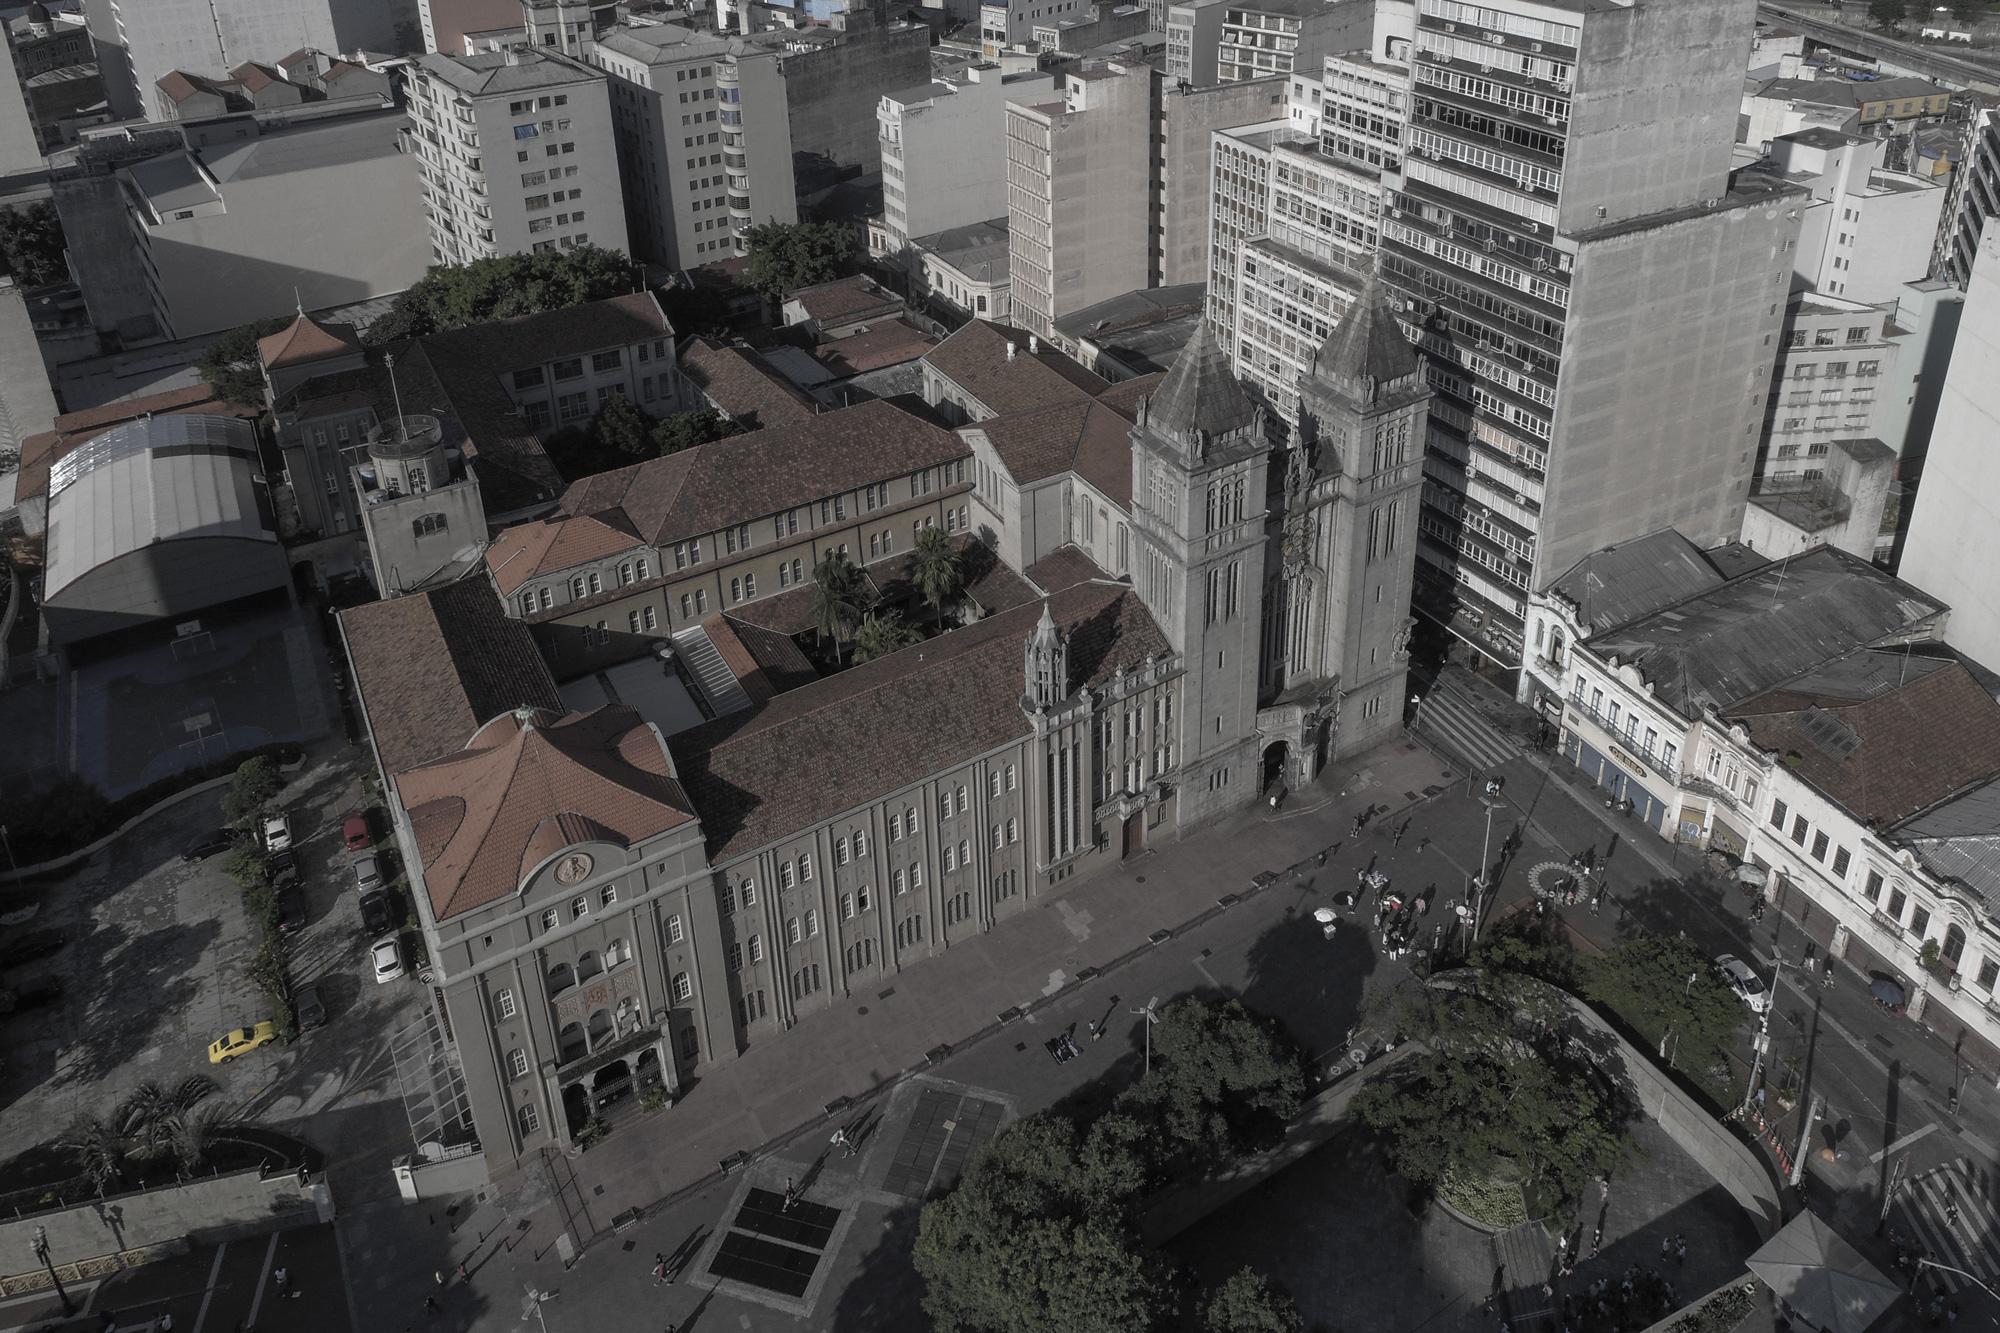 SÃO PAULO, SP, BRASIL 24.02.2018 Mosteiro São Bento, no Largo São Bento (Foto: Rubens Chaves/Folhapress)